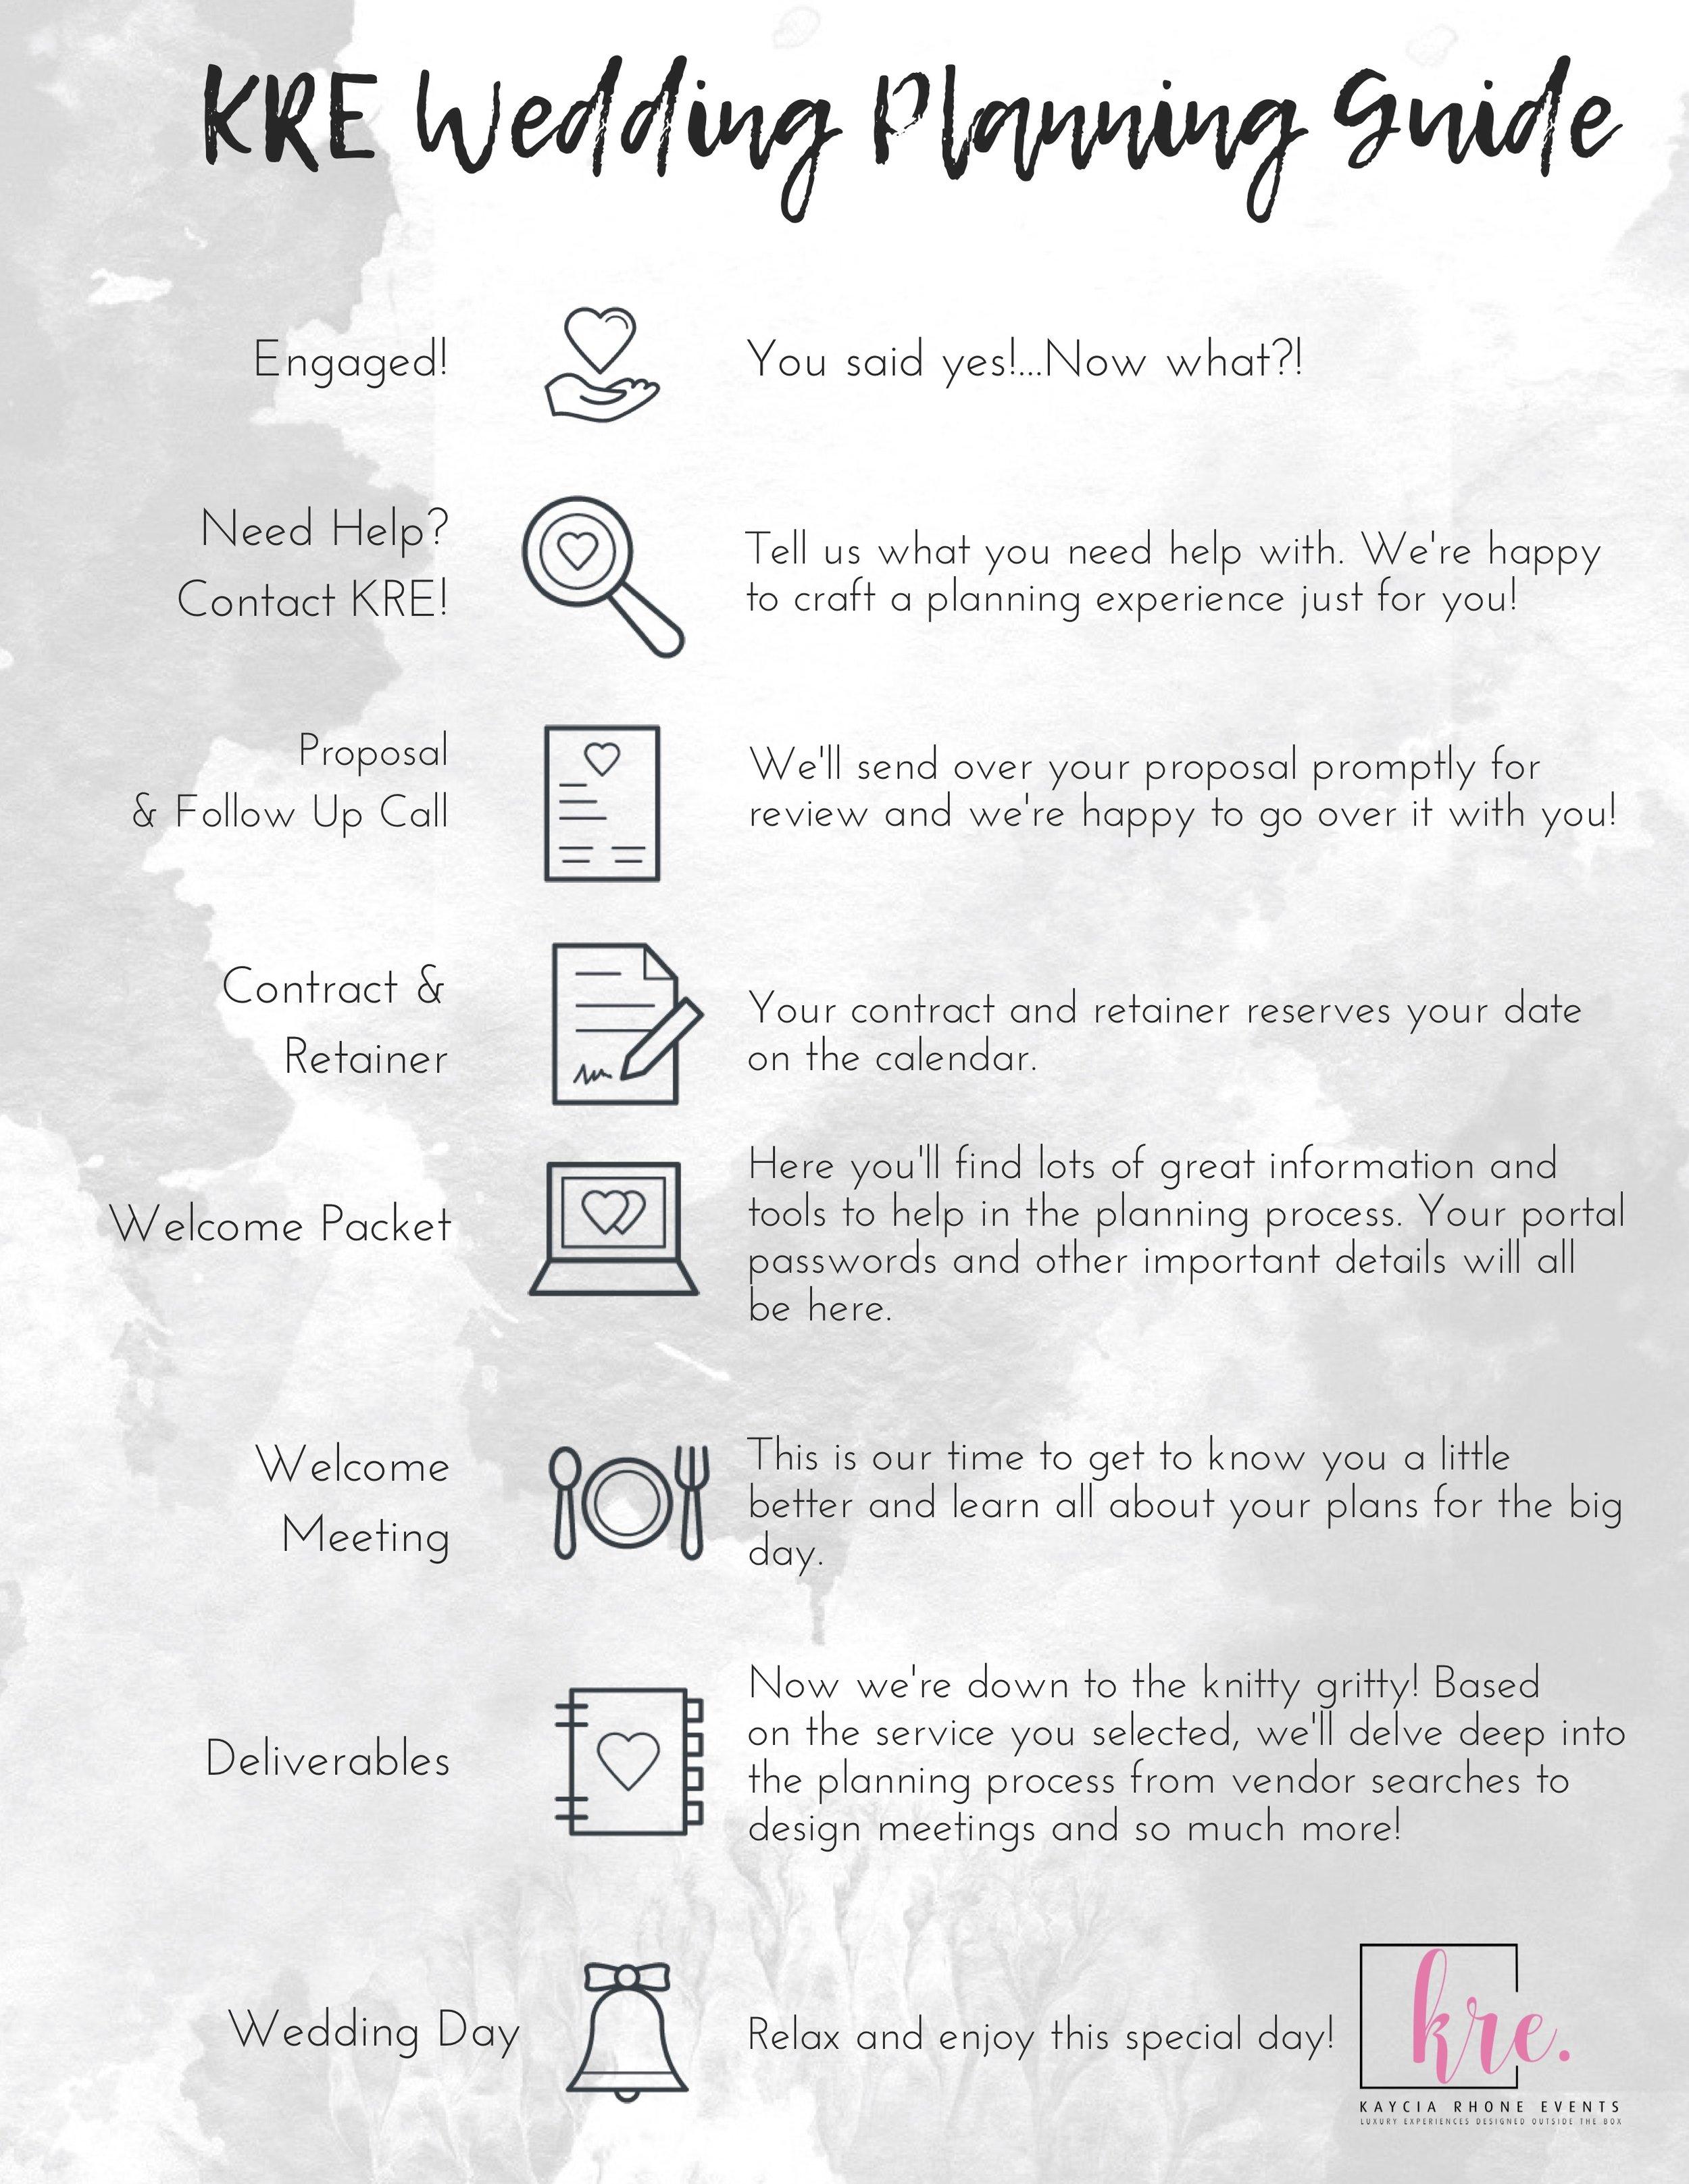 KRE Planning Guide.jpg